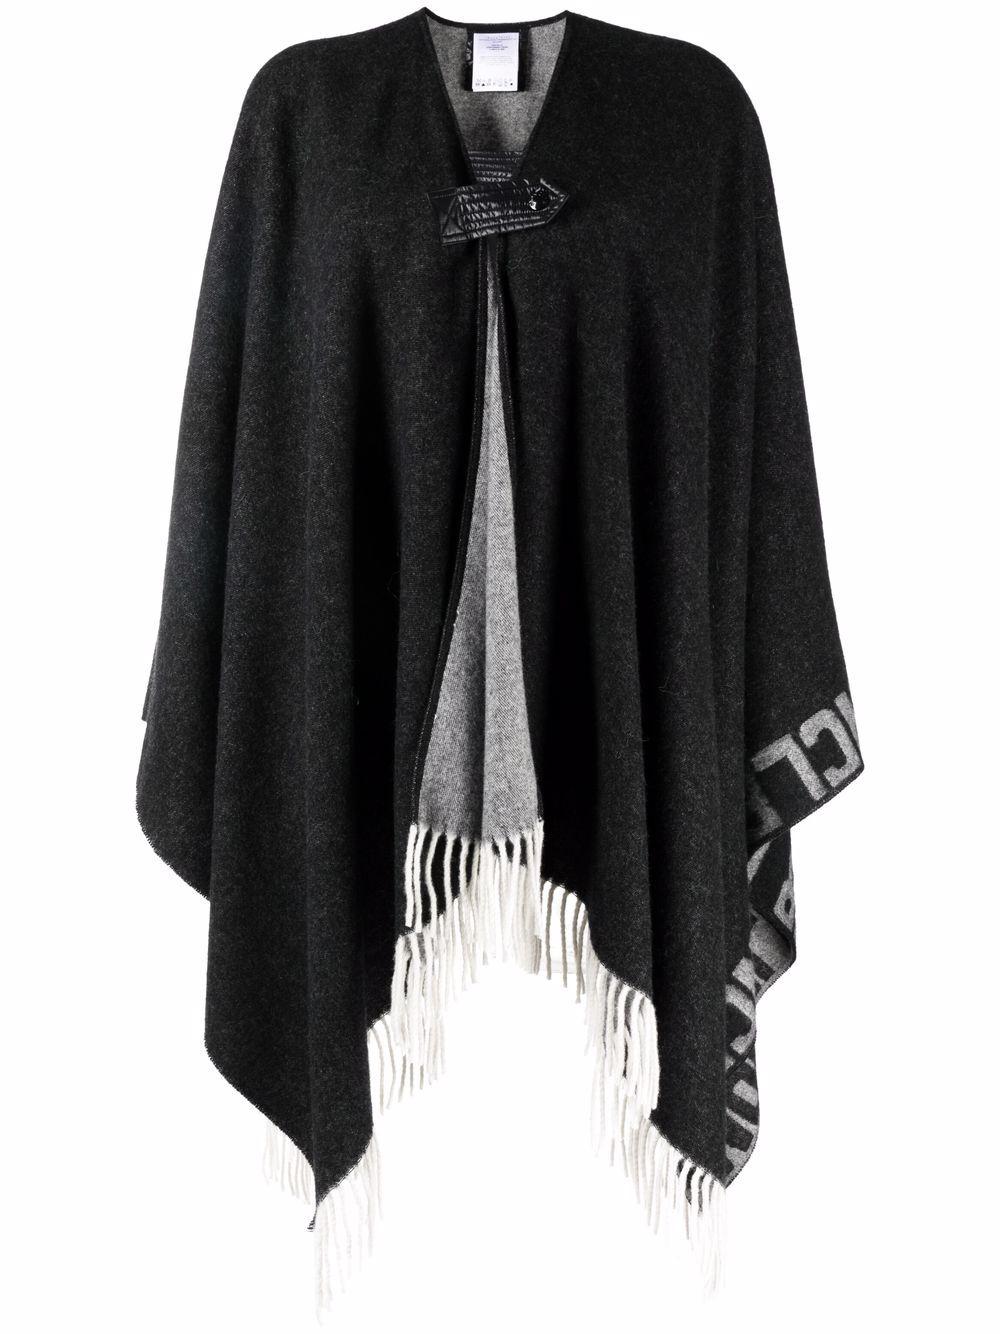 Poncho in lana bianco e nero con frange MONCLER   Mantella   3G000-12-0P58Z999